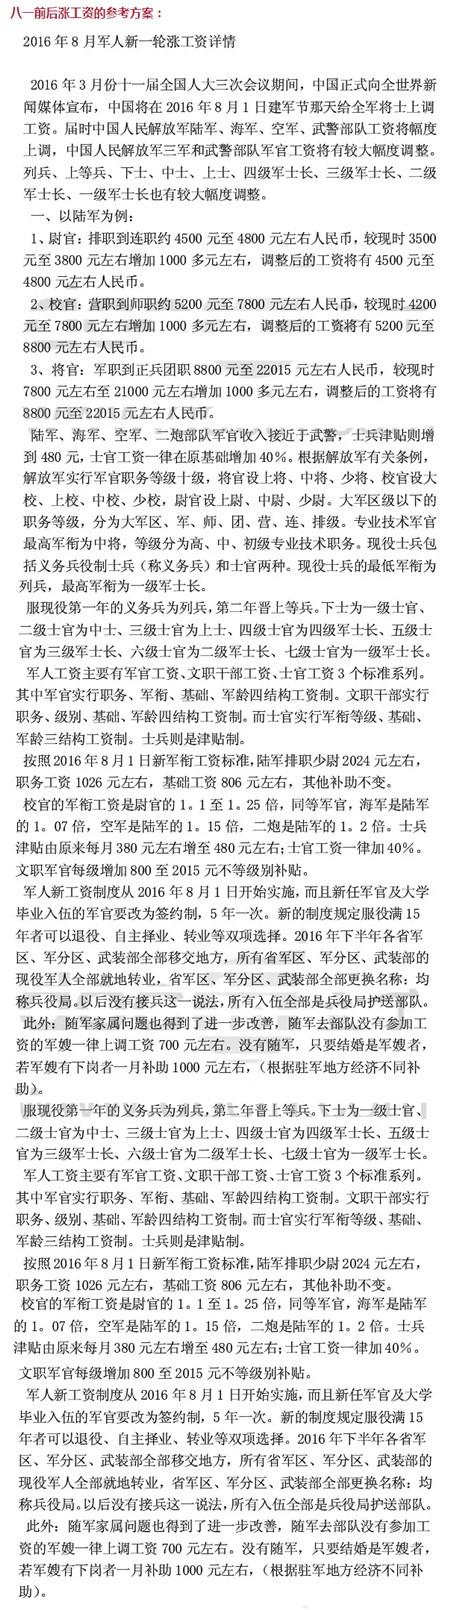 2018年军人工资改革方案最新消息(细则)